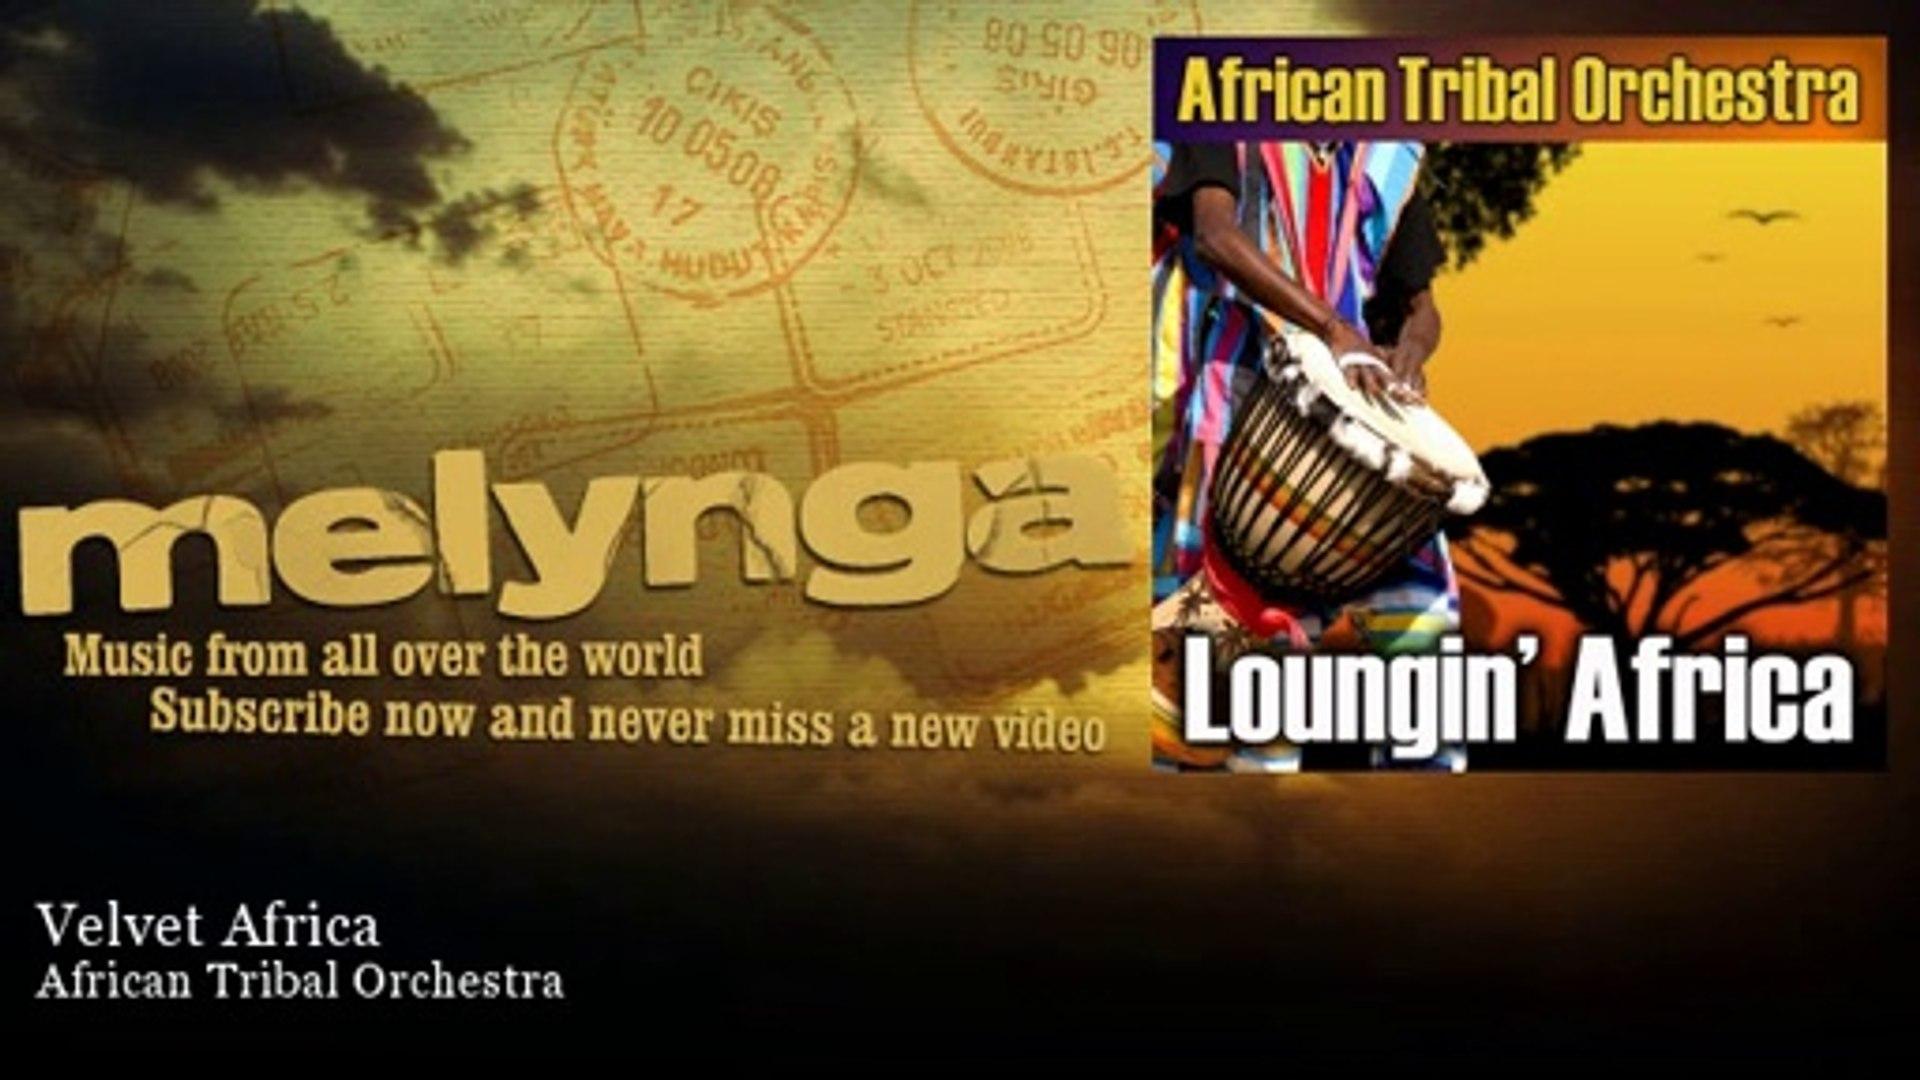 African Tribal Orchestra - Velvet Africa